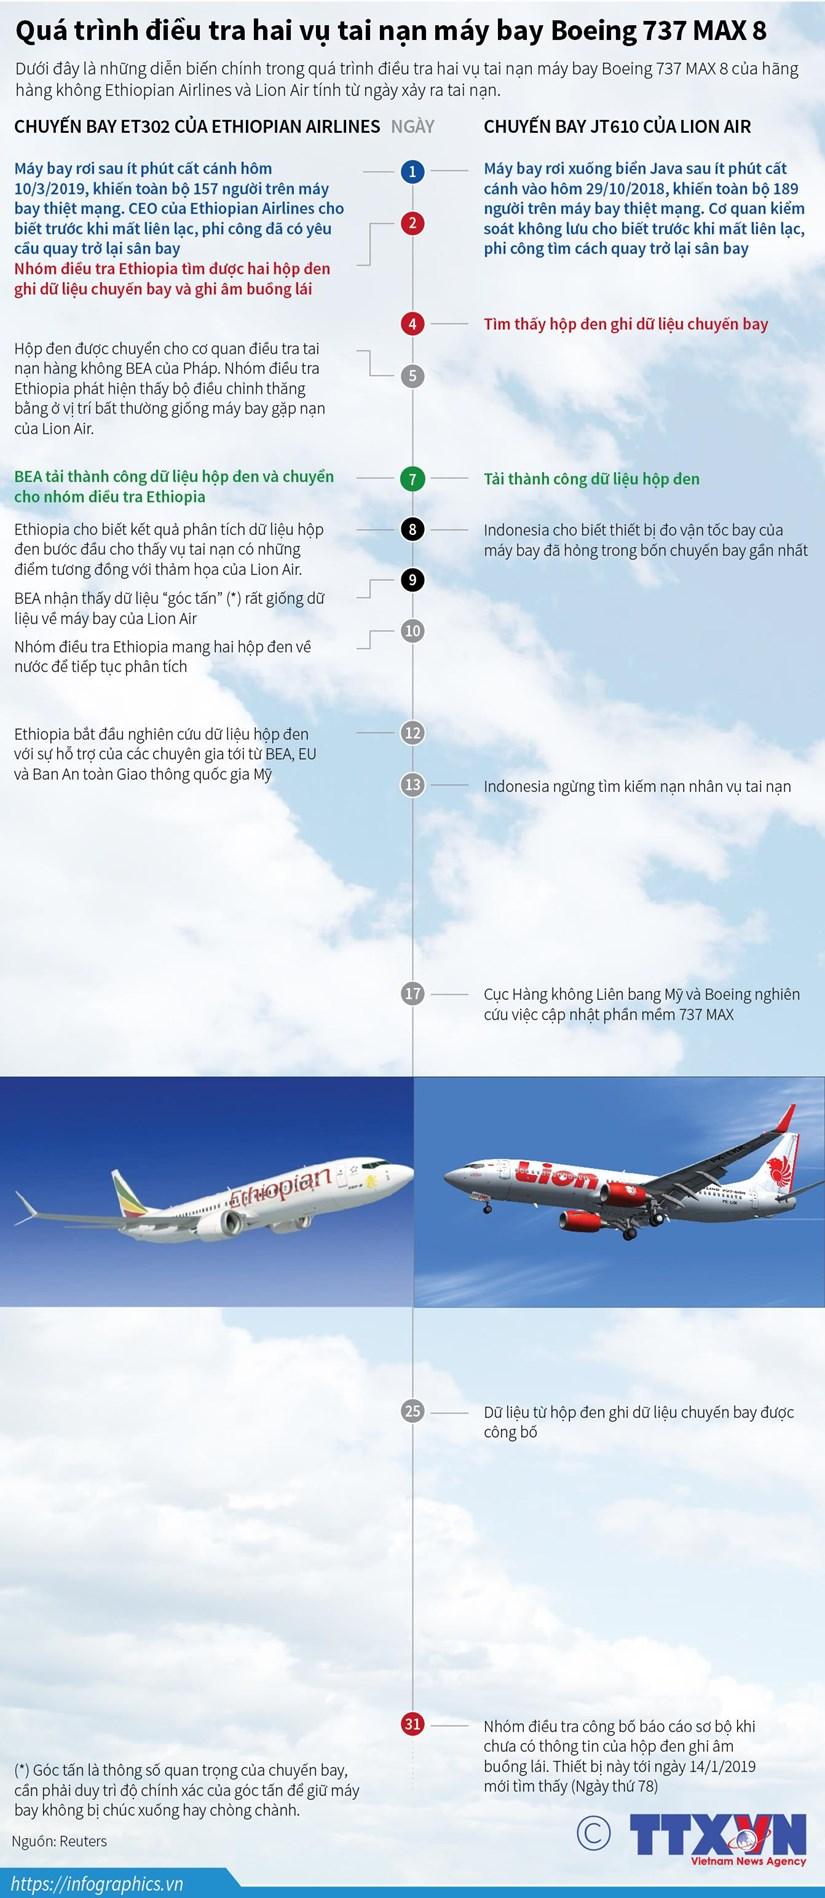 Quá trình điều tra hai vụ tai nạn máy bay Boeing 737 MAX 8